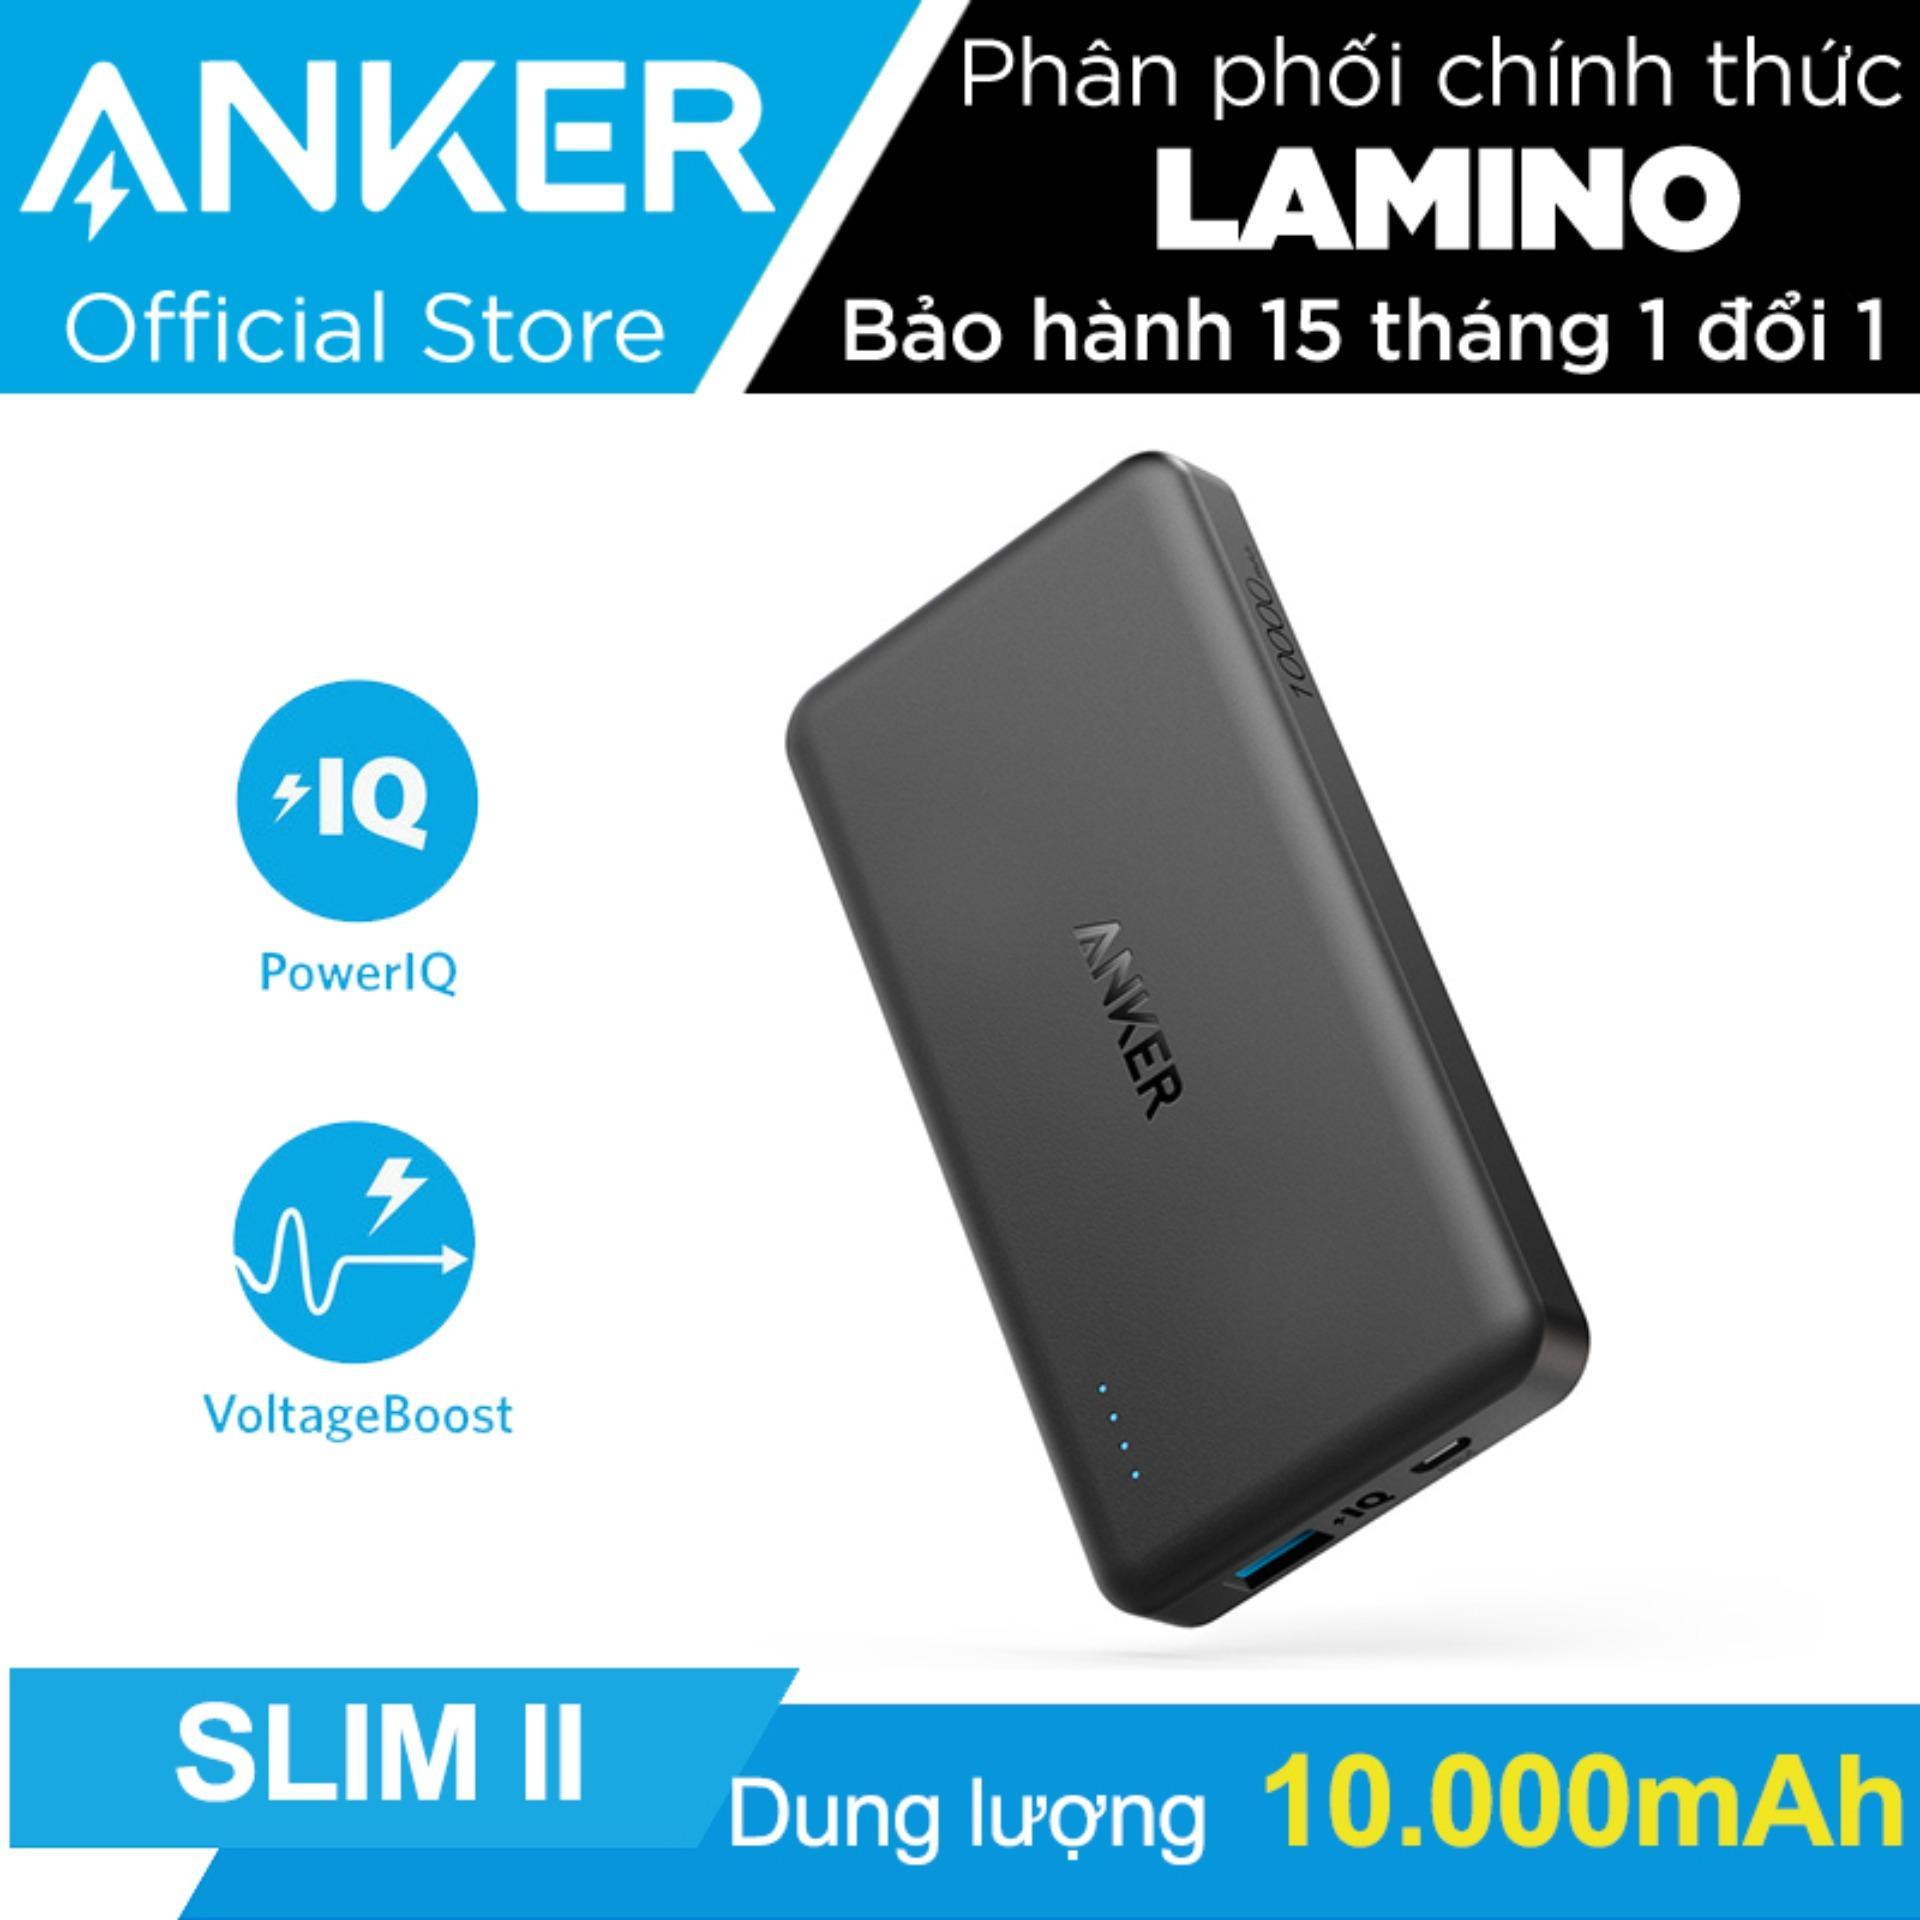 Mua Pin Sạc Dự Phong Sieu Mỏng Anker Powercore Ii Slim 10000Mah Đen Hang Phan Phối Chinh Thức Mới